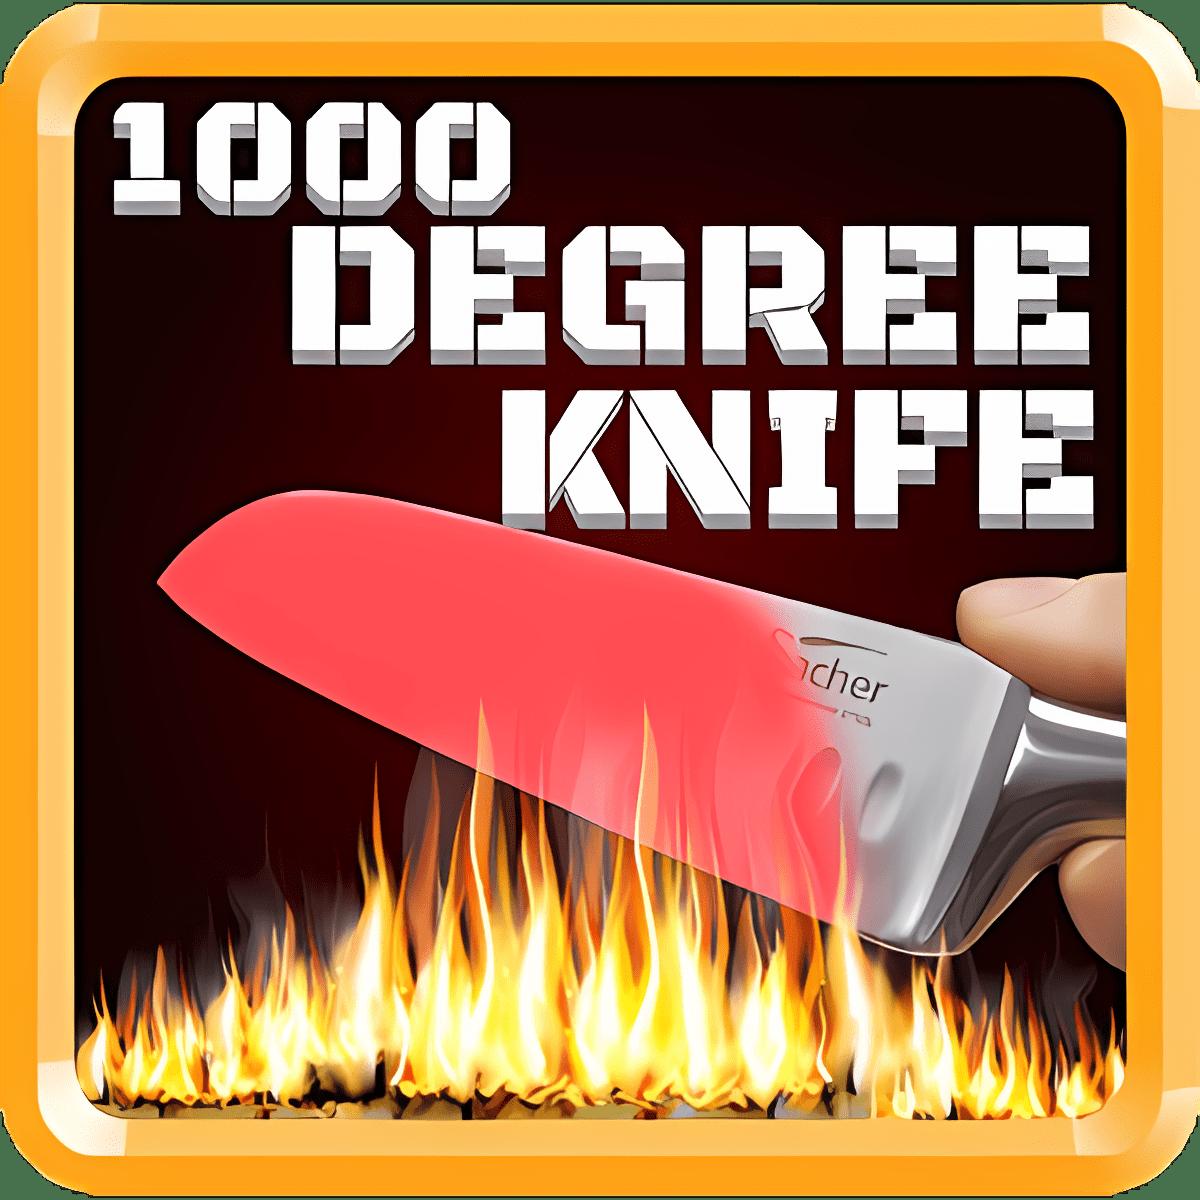 1000 Degree Knife